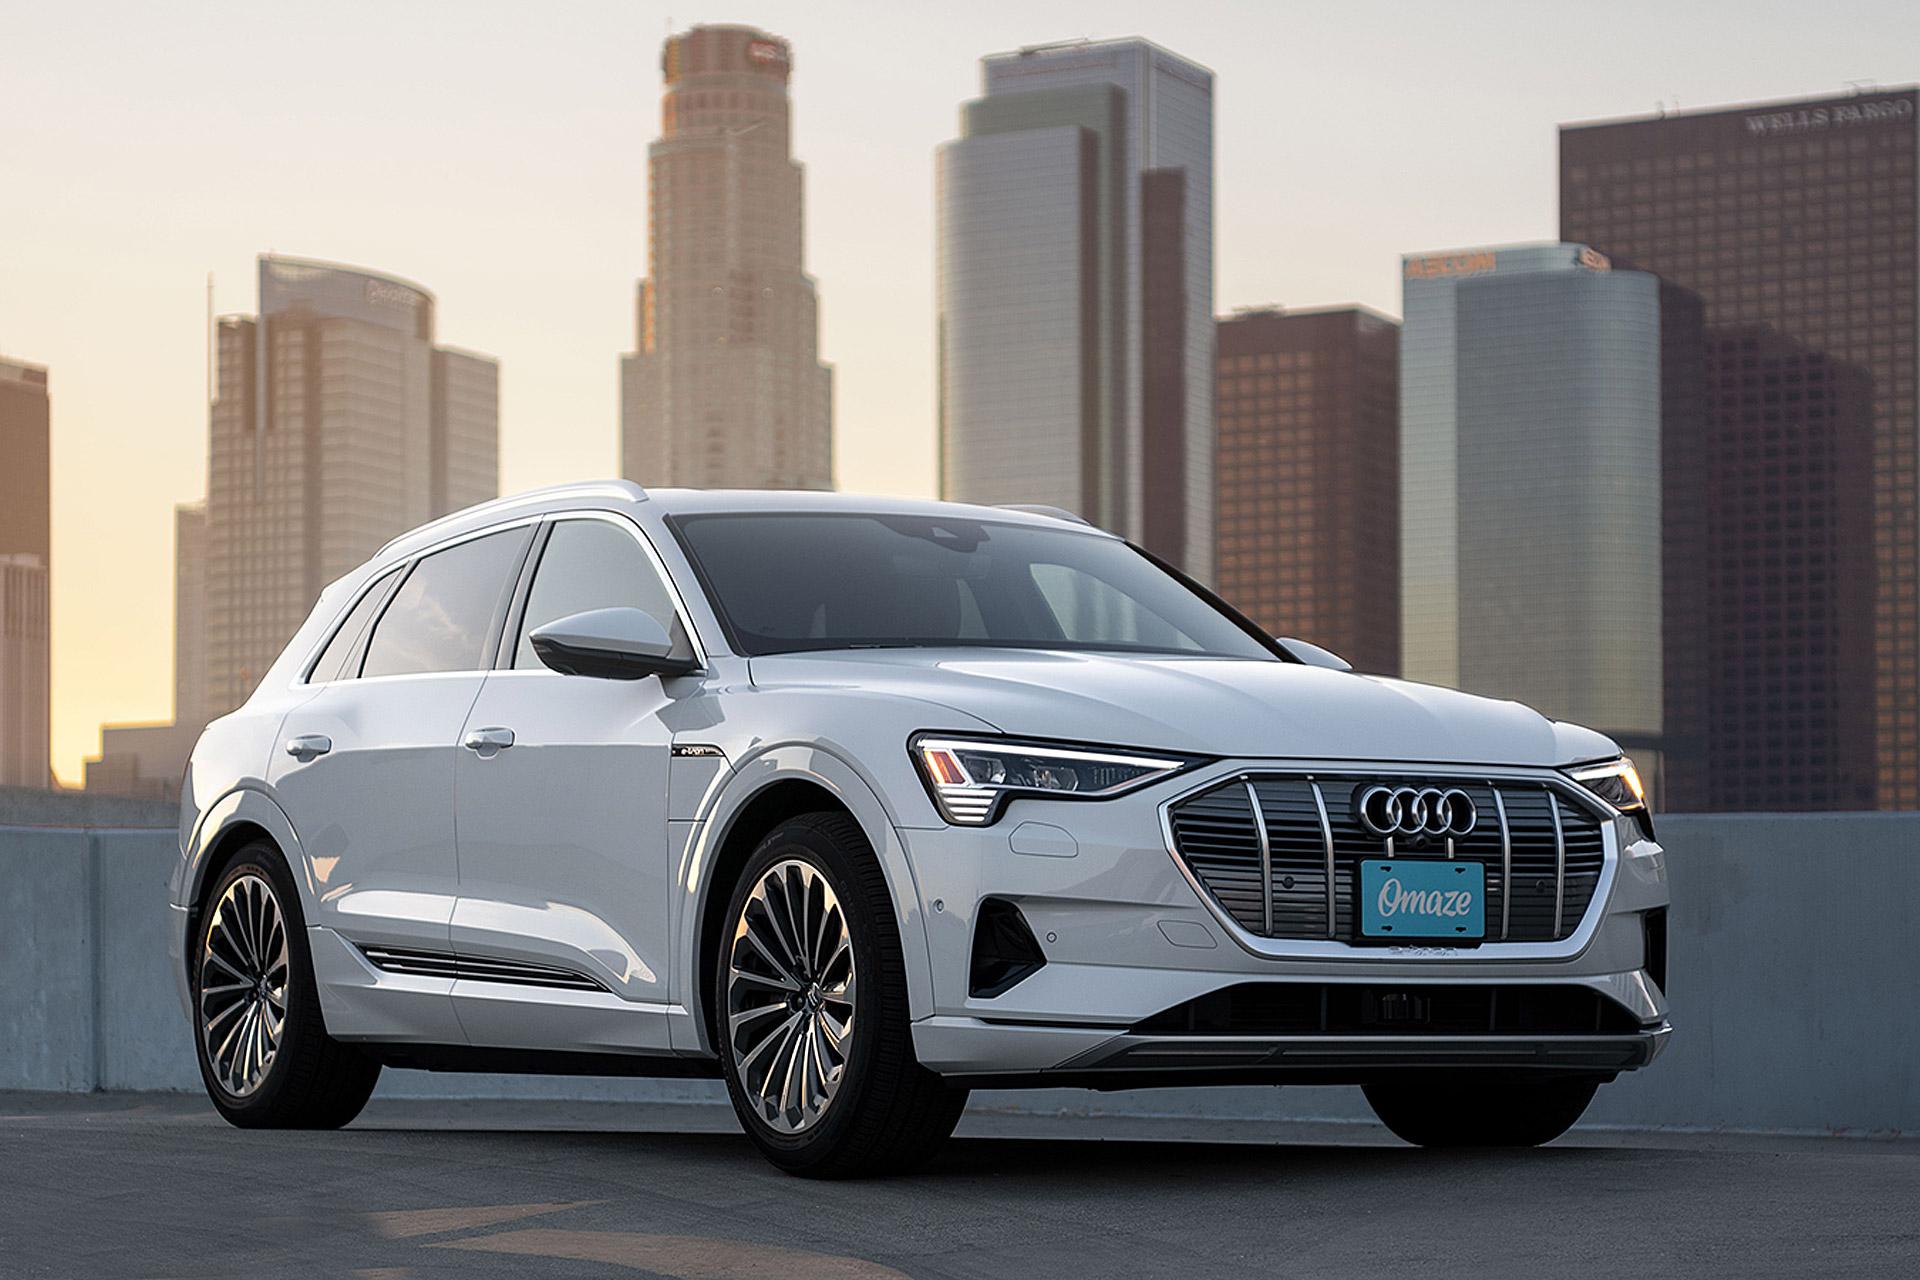 2020 Audi e-tron Prestige